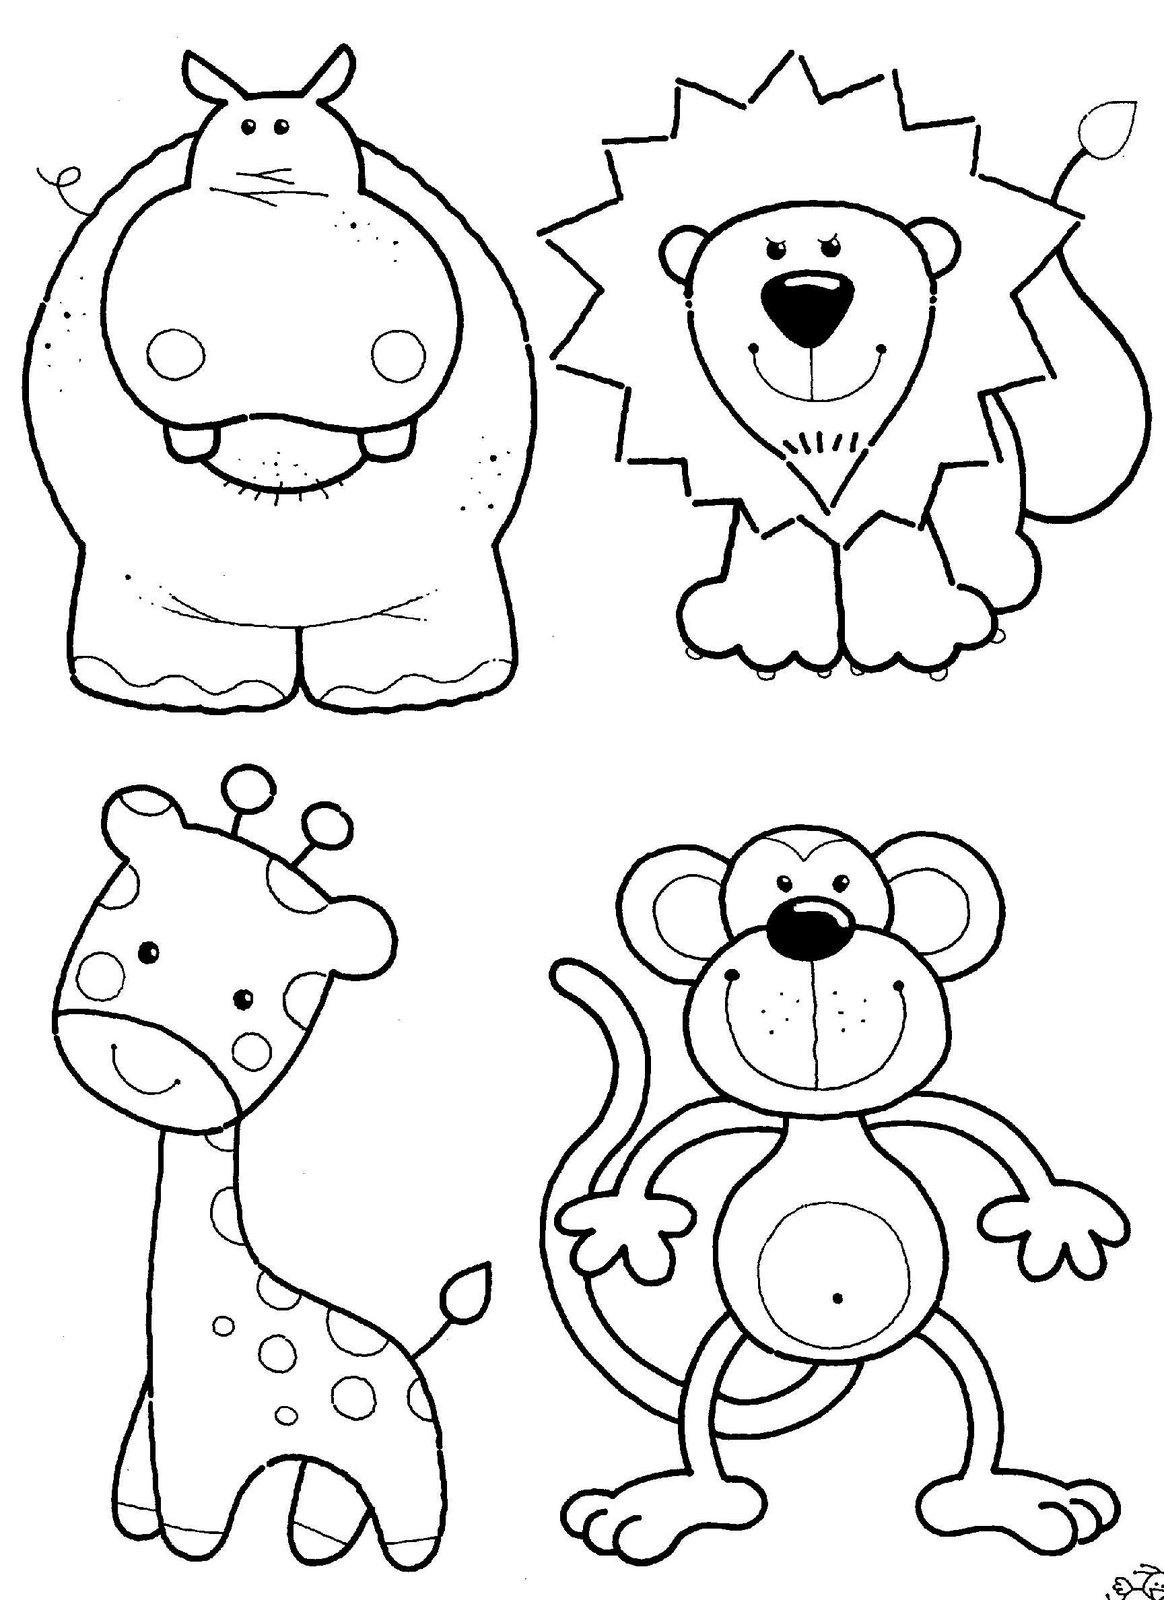 aqui y revistas en mi otro blogs espero les gusten estos dibujos ...